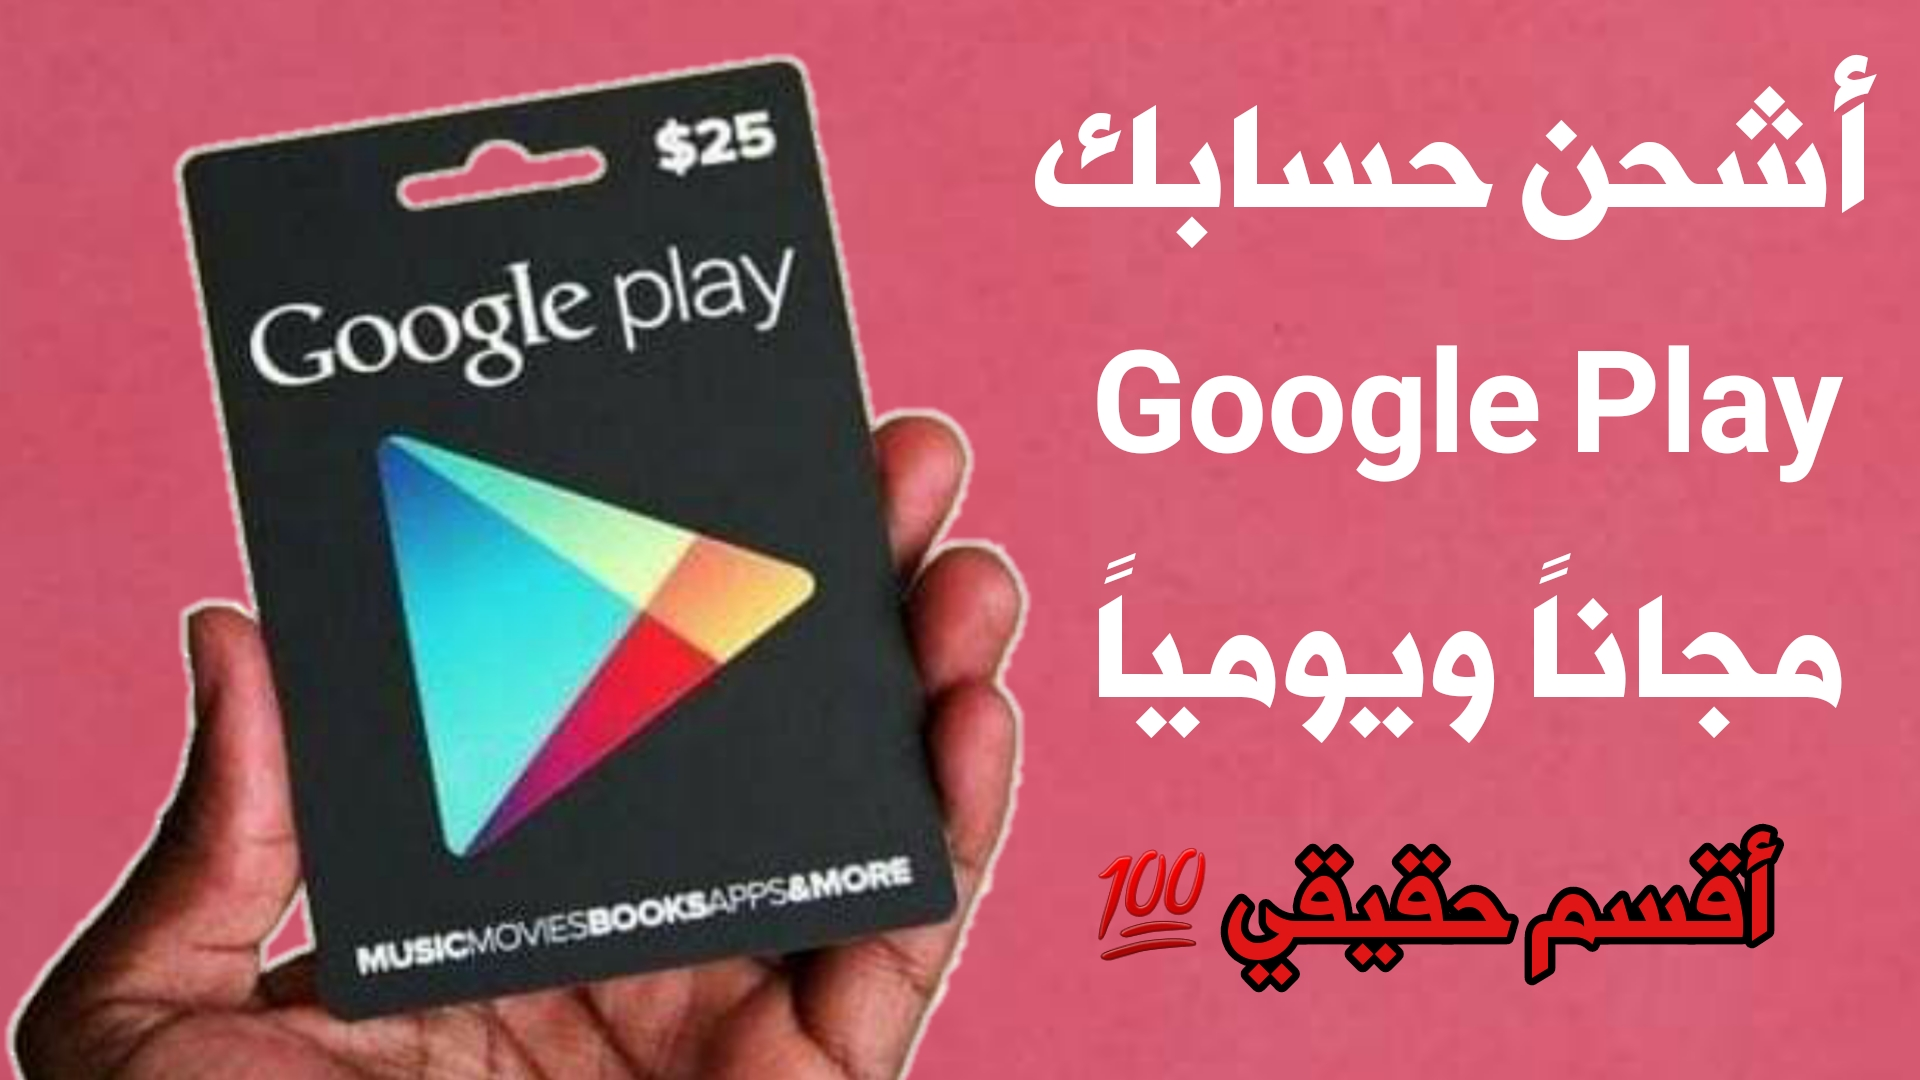 أشحن حسابك Google Play مجاناً ويومياً من 10_15_50 دولار أقسم حقيقي 100%